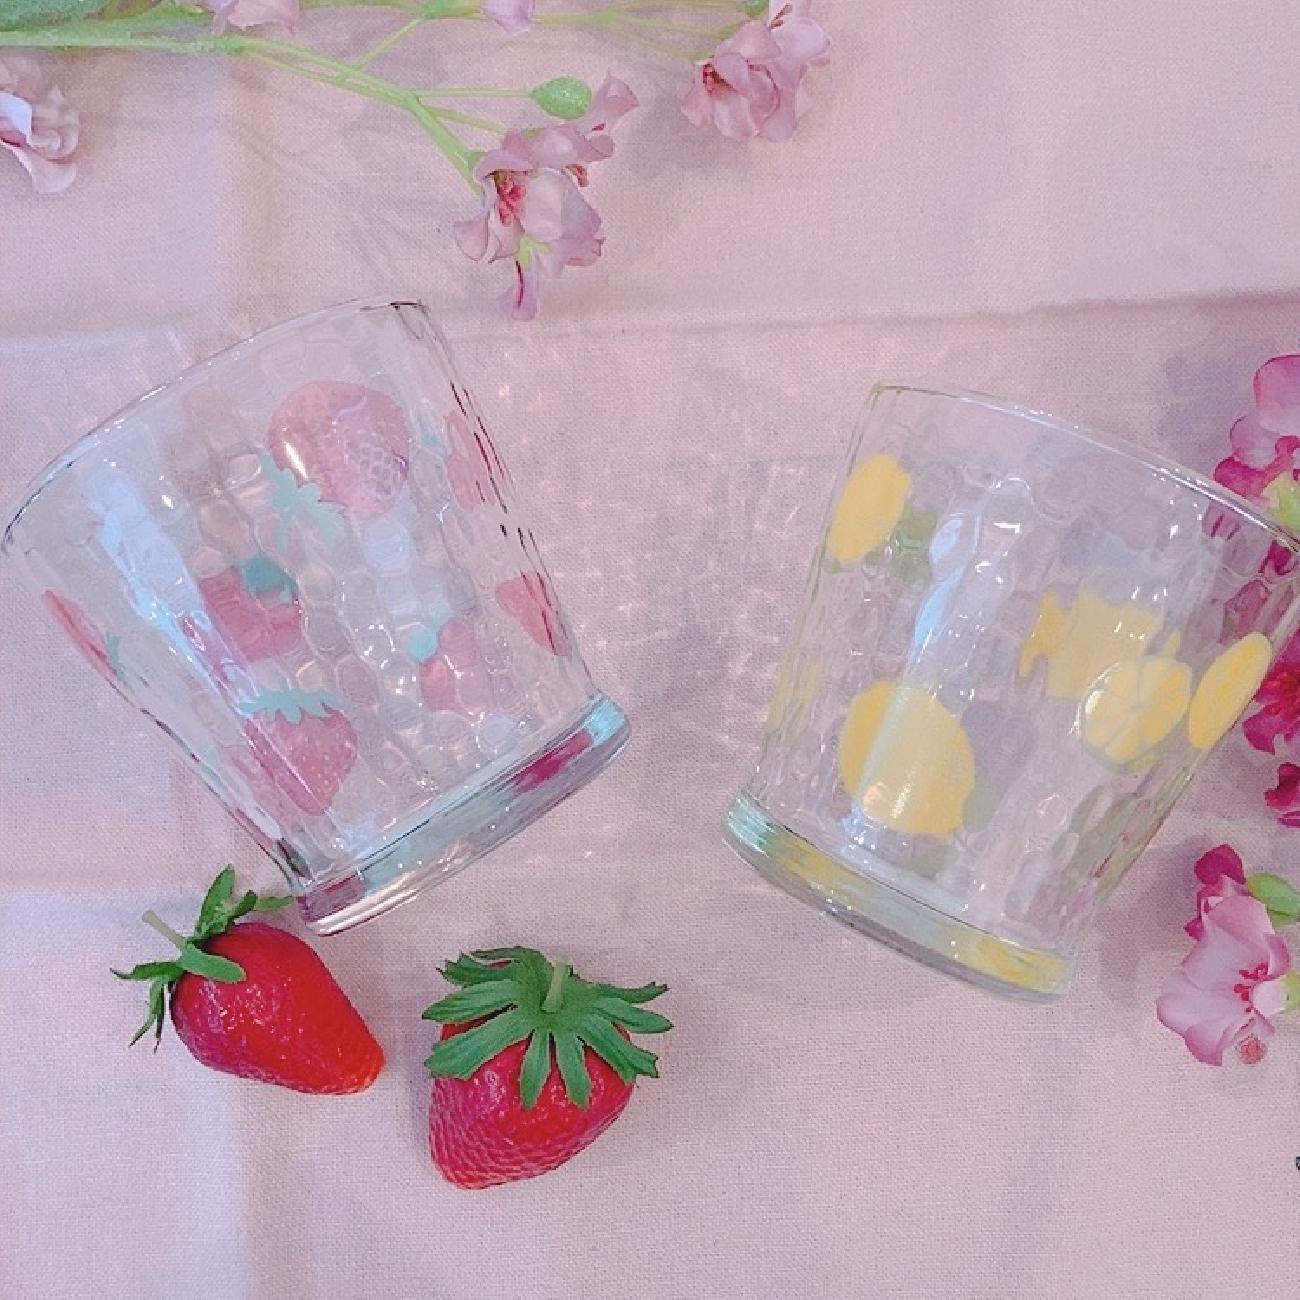 グラス/カップ/フリーカップ/フルーツ/フルーツ柄/いちご/レモン/夏/ガラス/可愛い